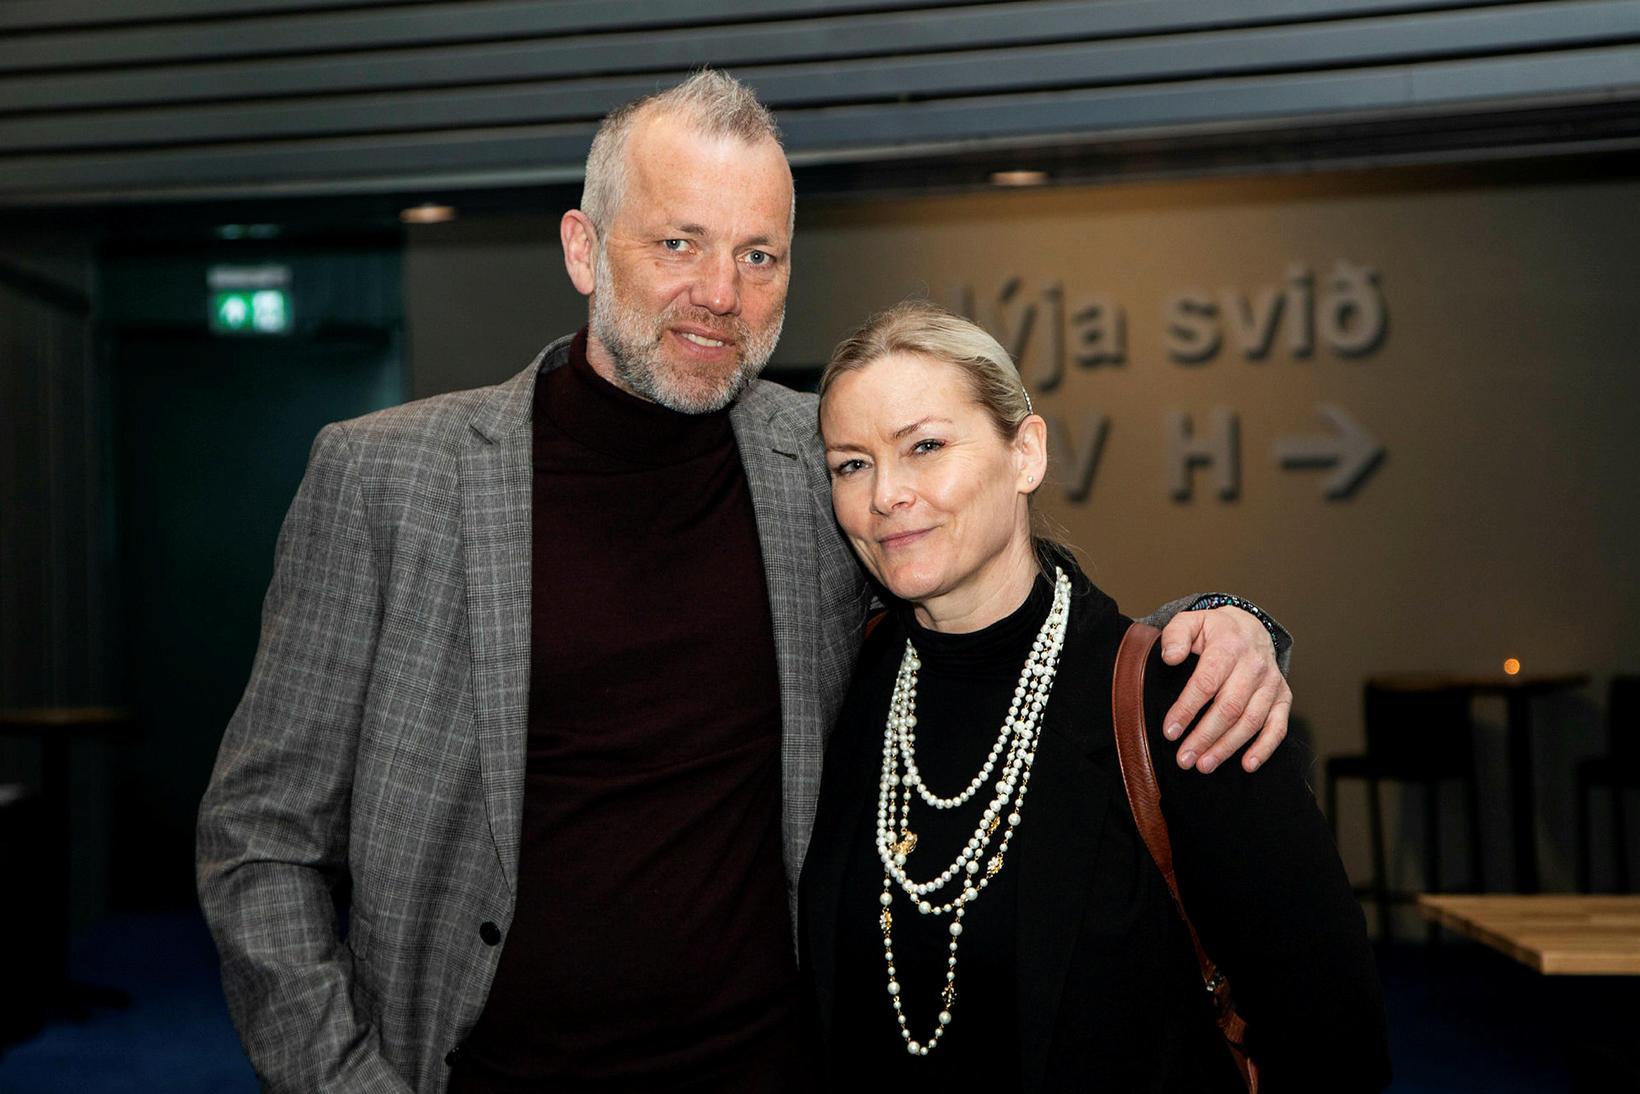 Þorsteinn Guðbjörnsson og Jóhanna Vigdís Arnardóttir.